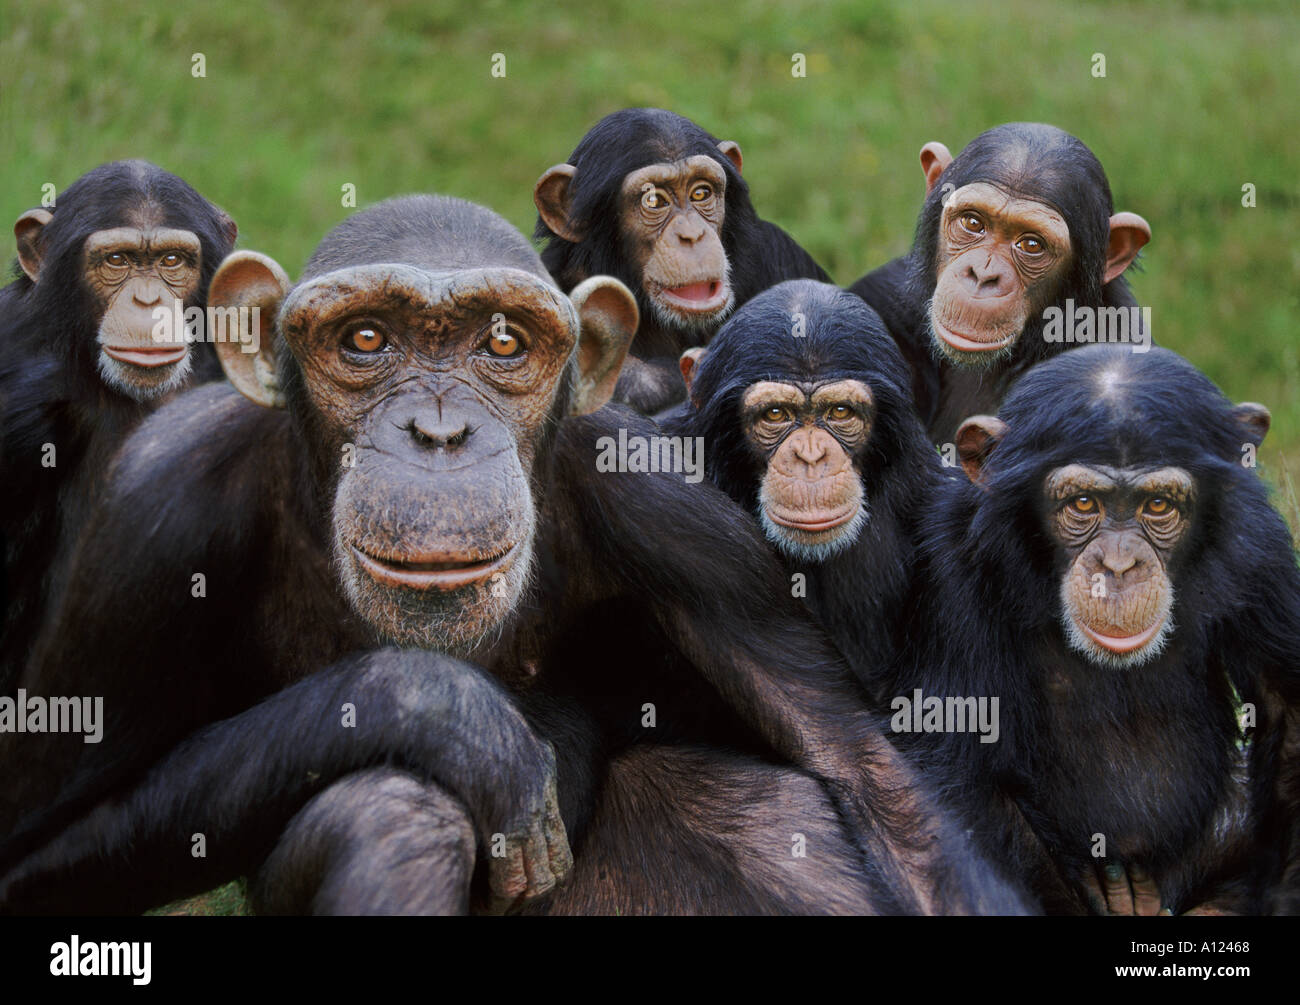 Gli scimpanzé orfani Monkey mondo ape rescue Centre Regno Unito Immagini Stock